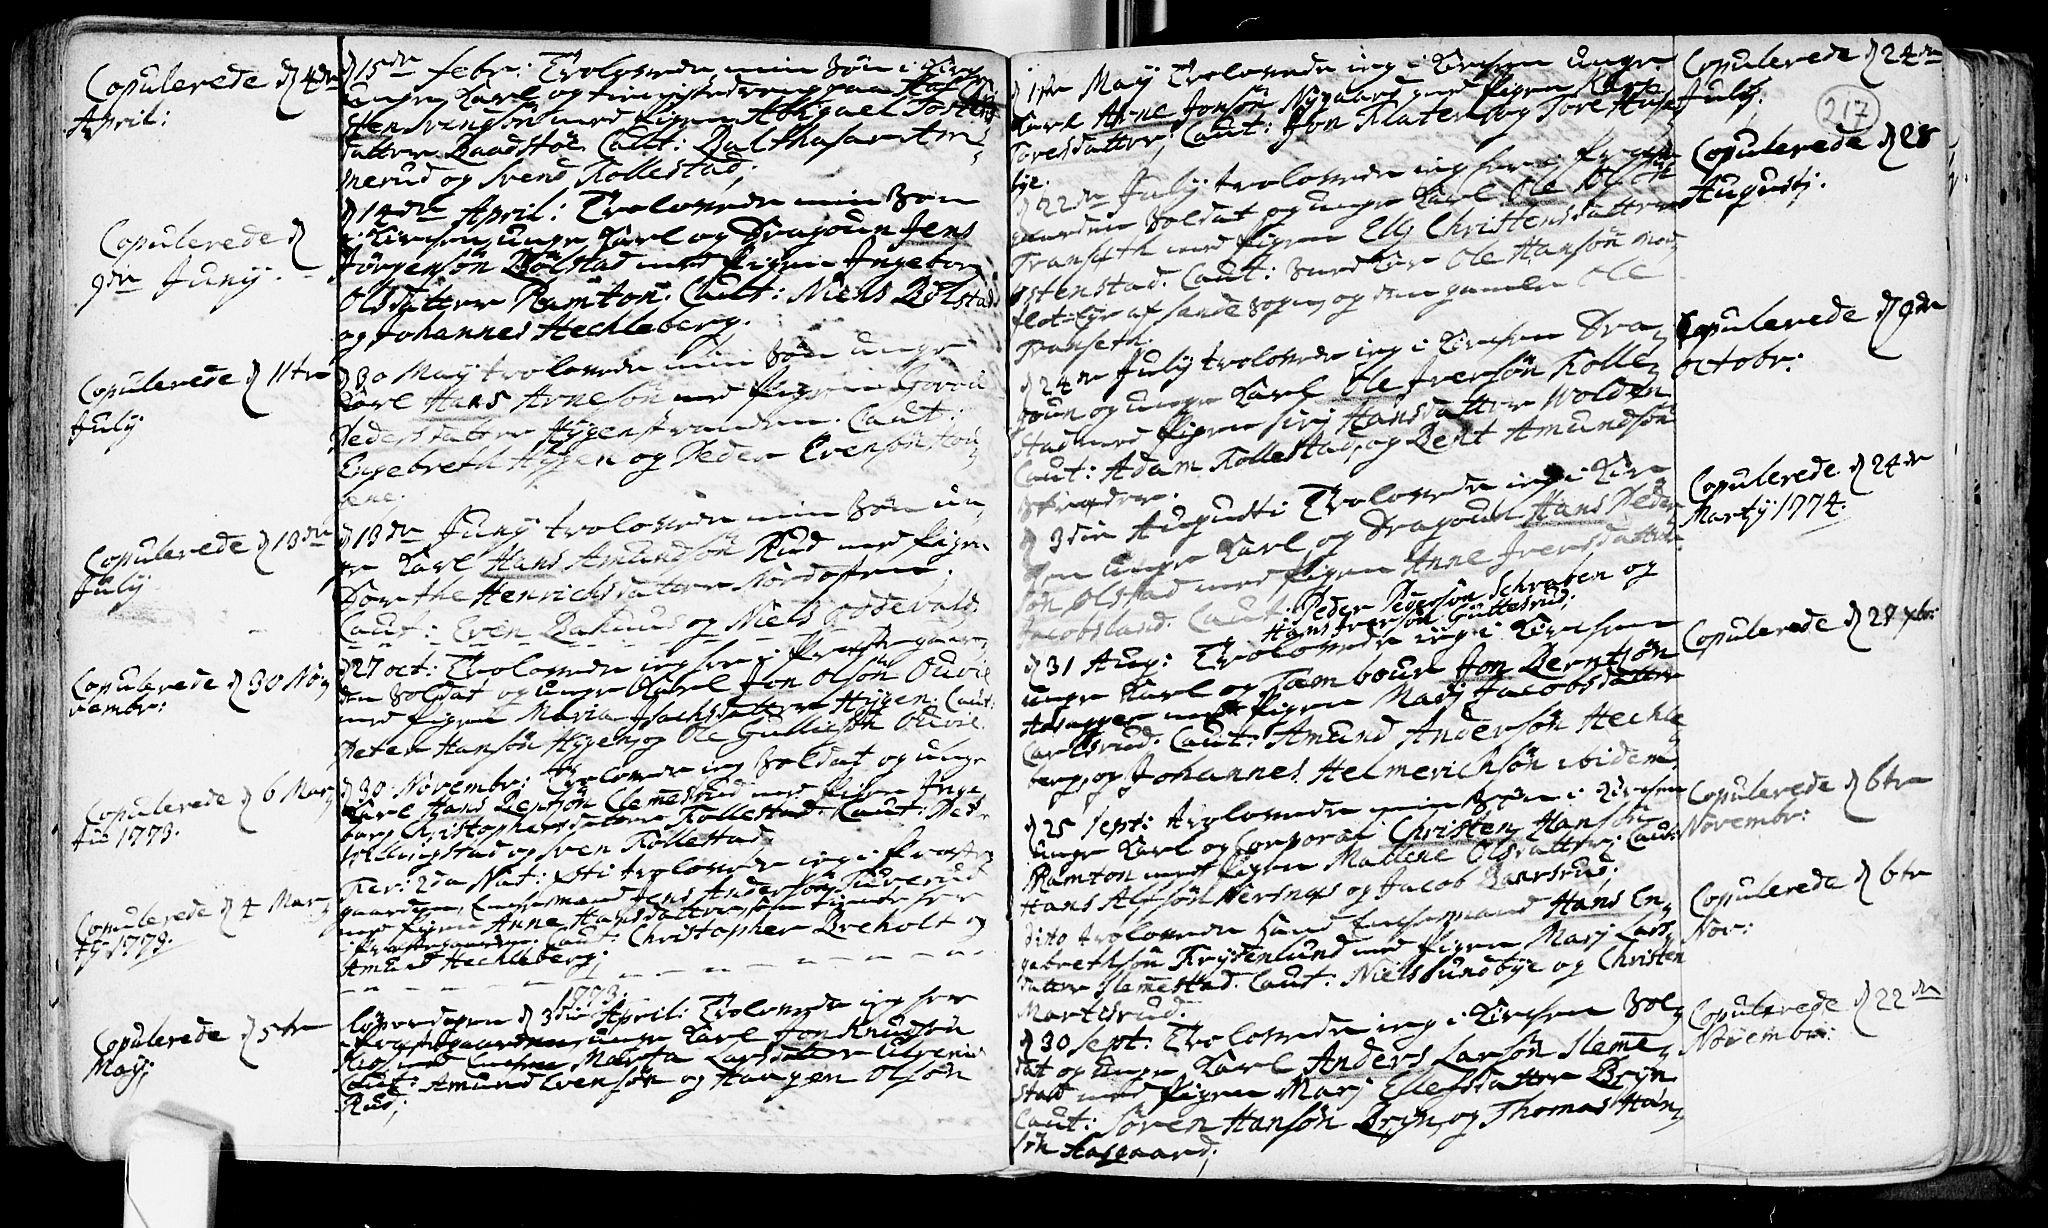 SAKO, Røyken kirkebøker, F/Fa/L0002: Ministerialbok nr. 2, 1731-1782, s. 217